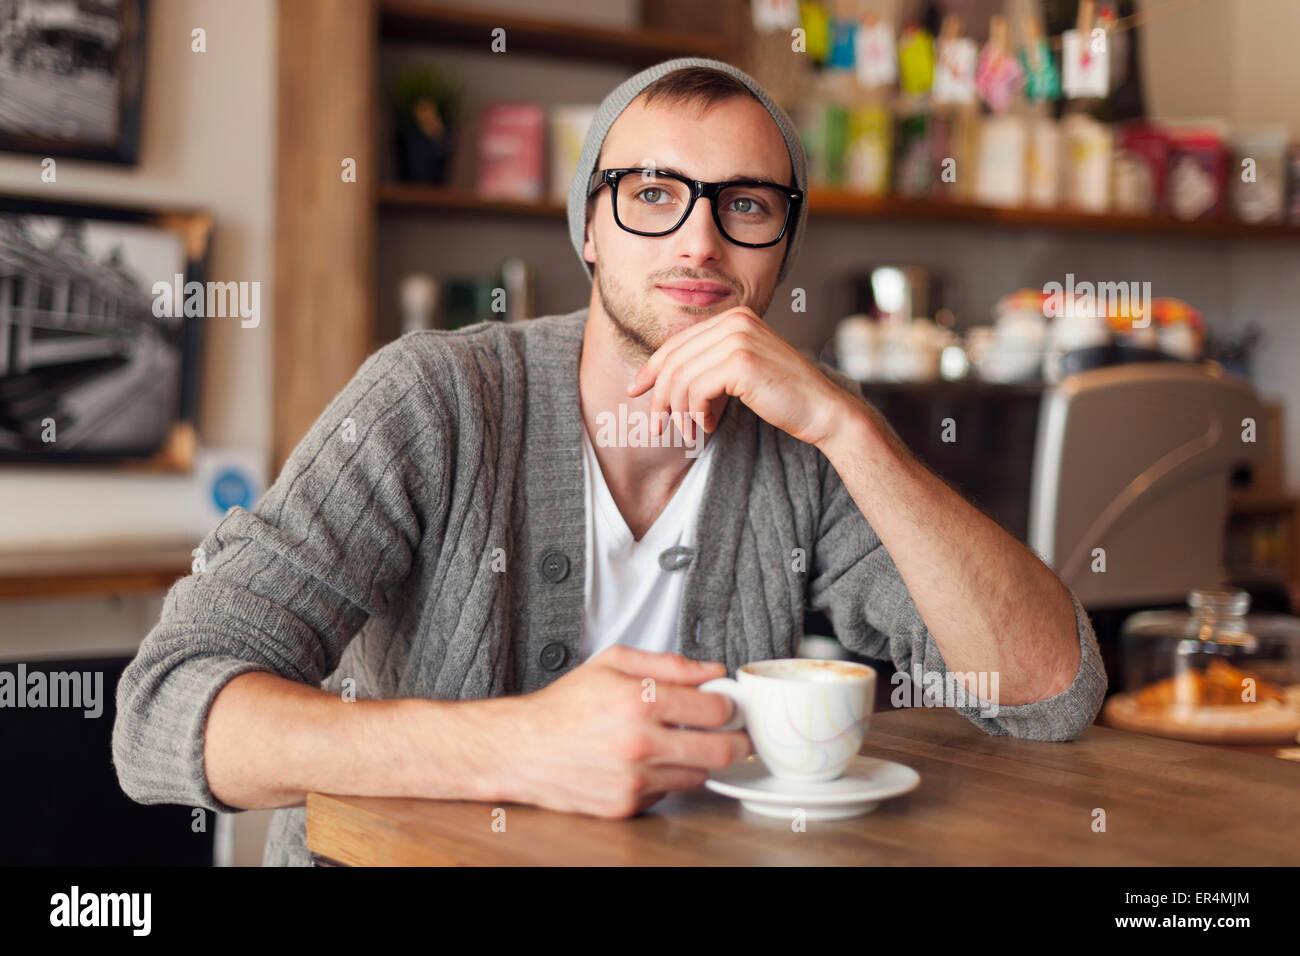 Retrato del hombre elegante en el cafe. Cracovia, Polonia Imagen De Stock